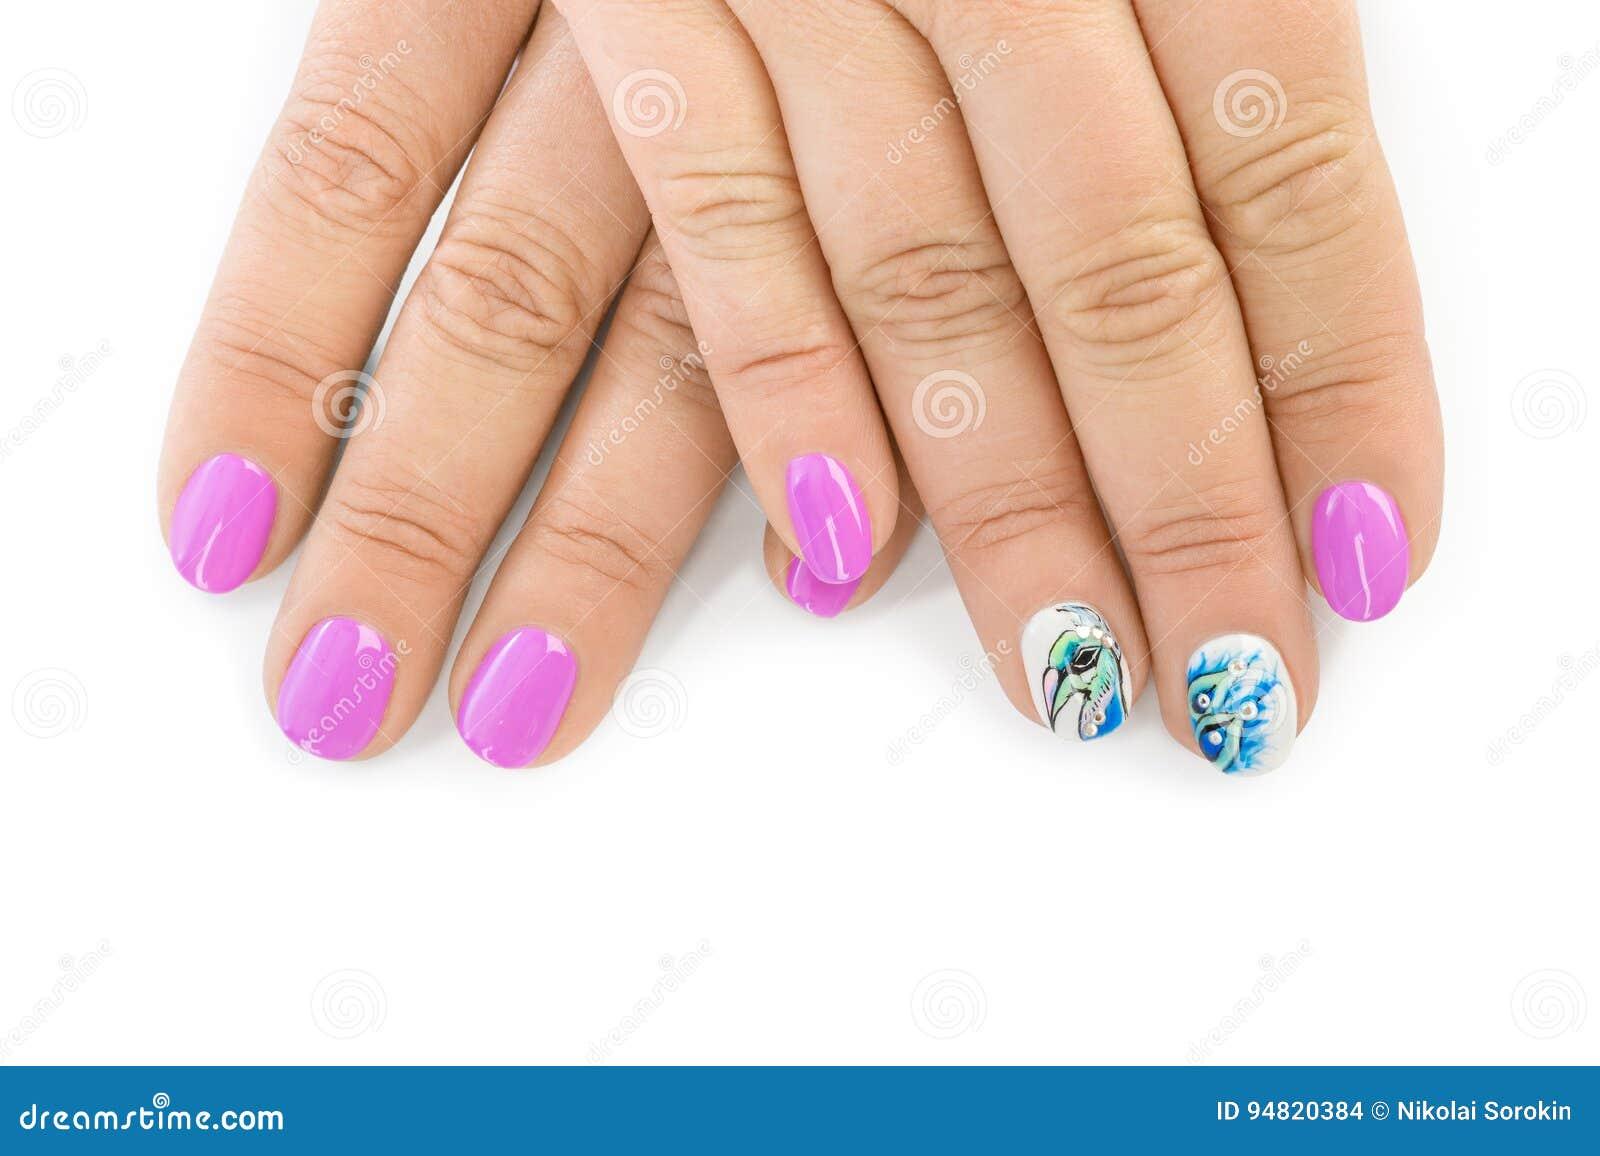 download fingernagel mit muster stockfoto bild von abschlu make 94820384 - Fingernagel Muster